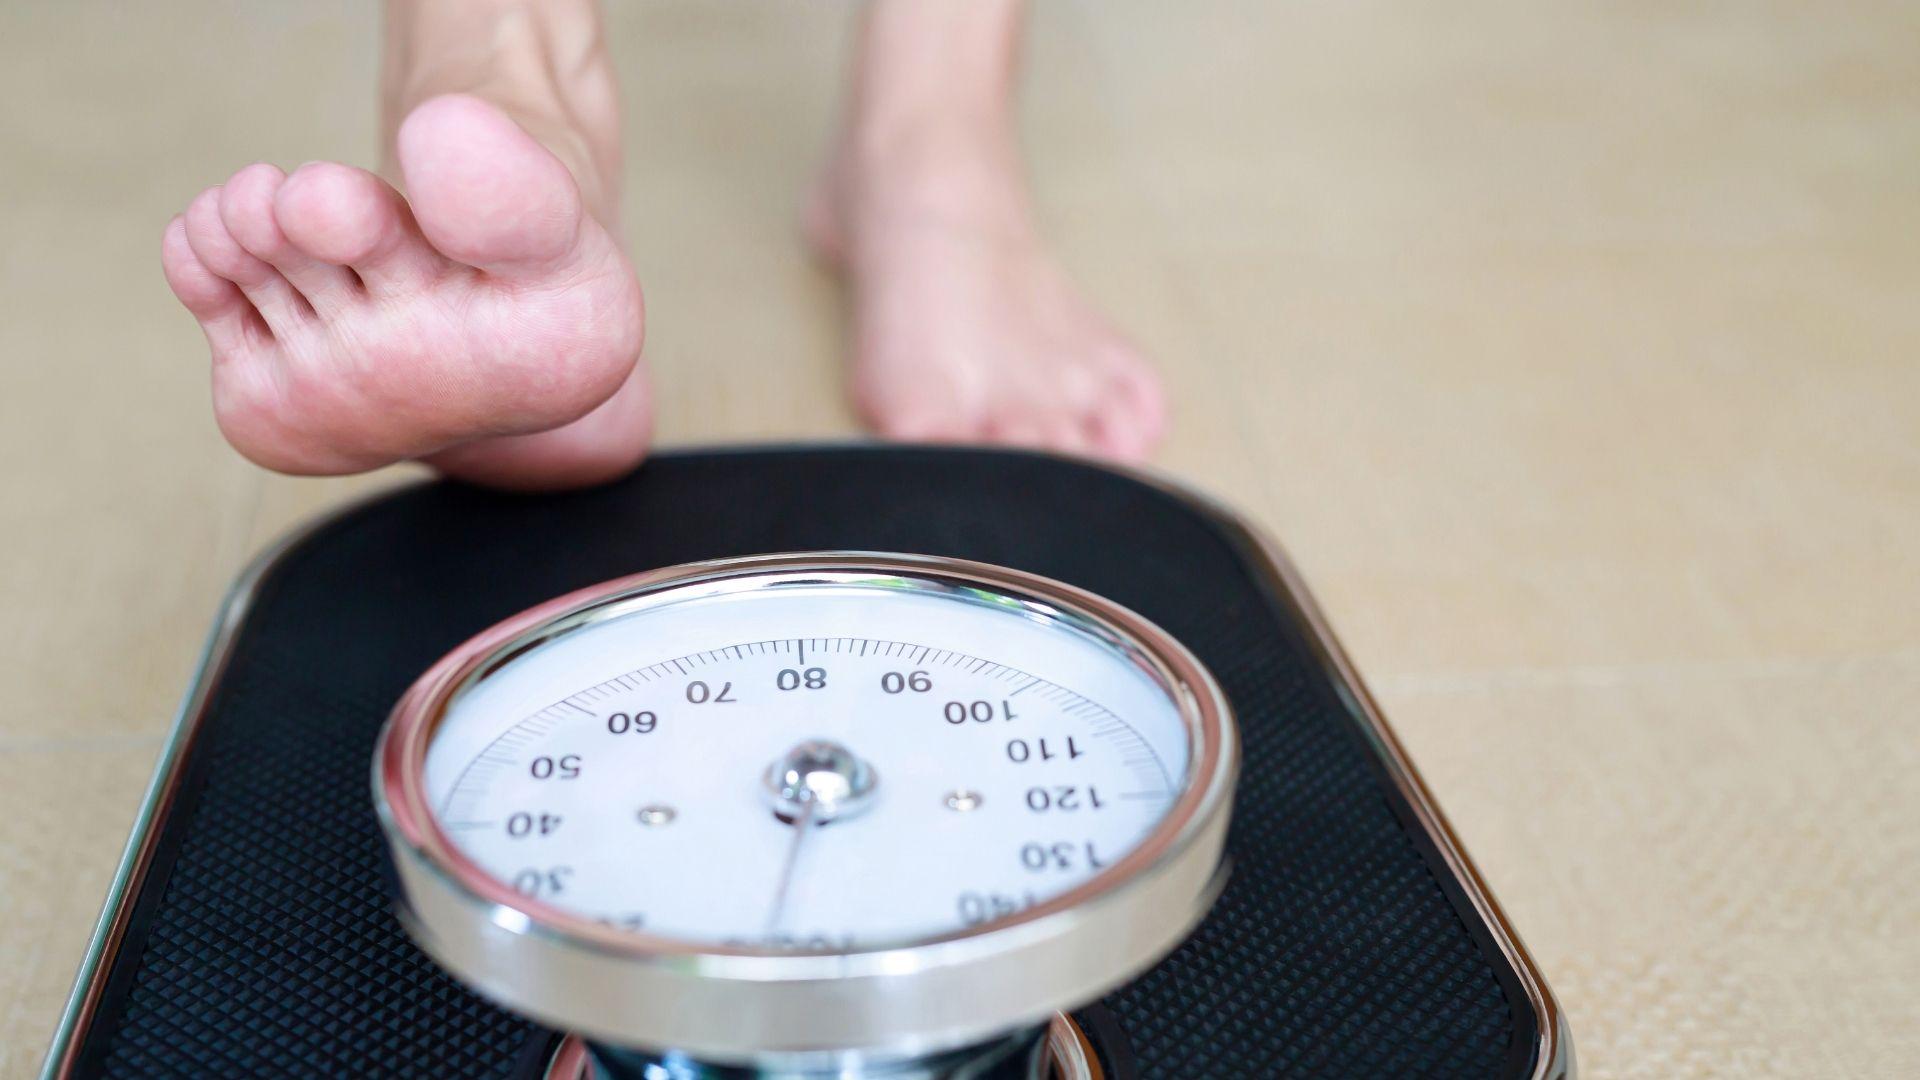 01 Gewicht stagniert trotz Kaloriendefizit